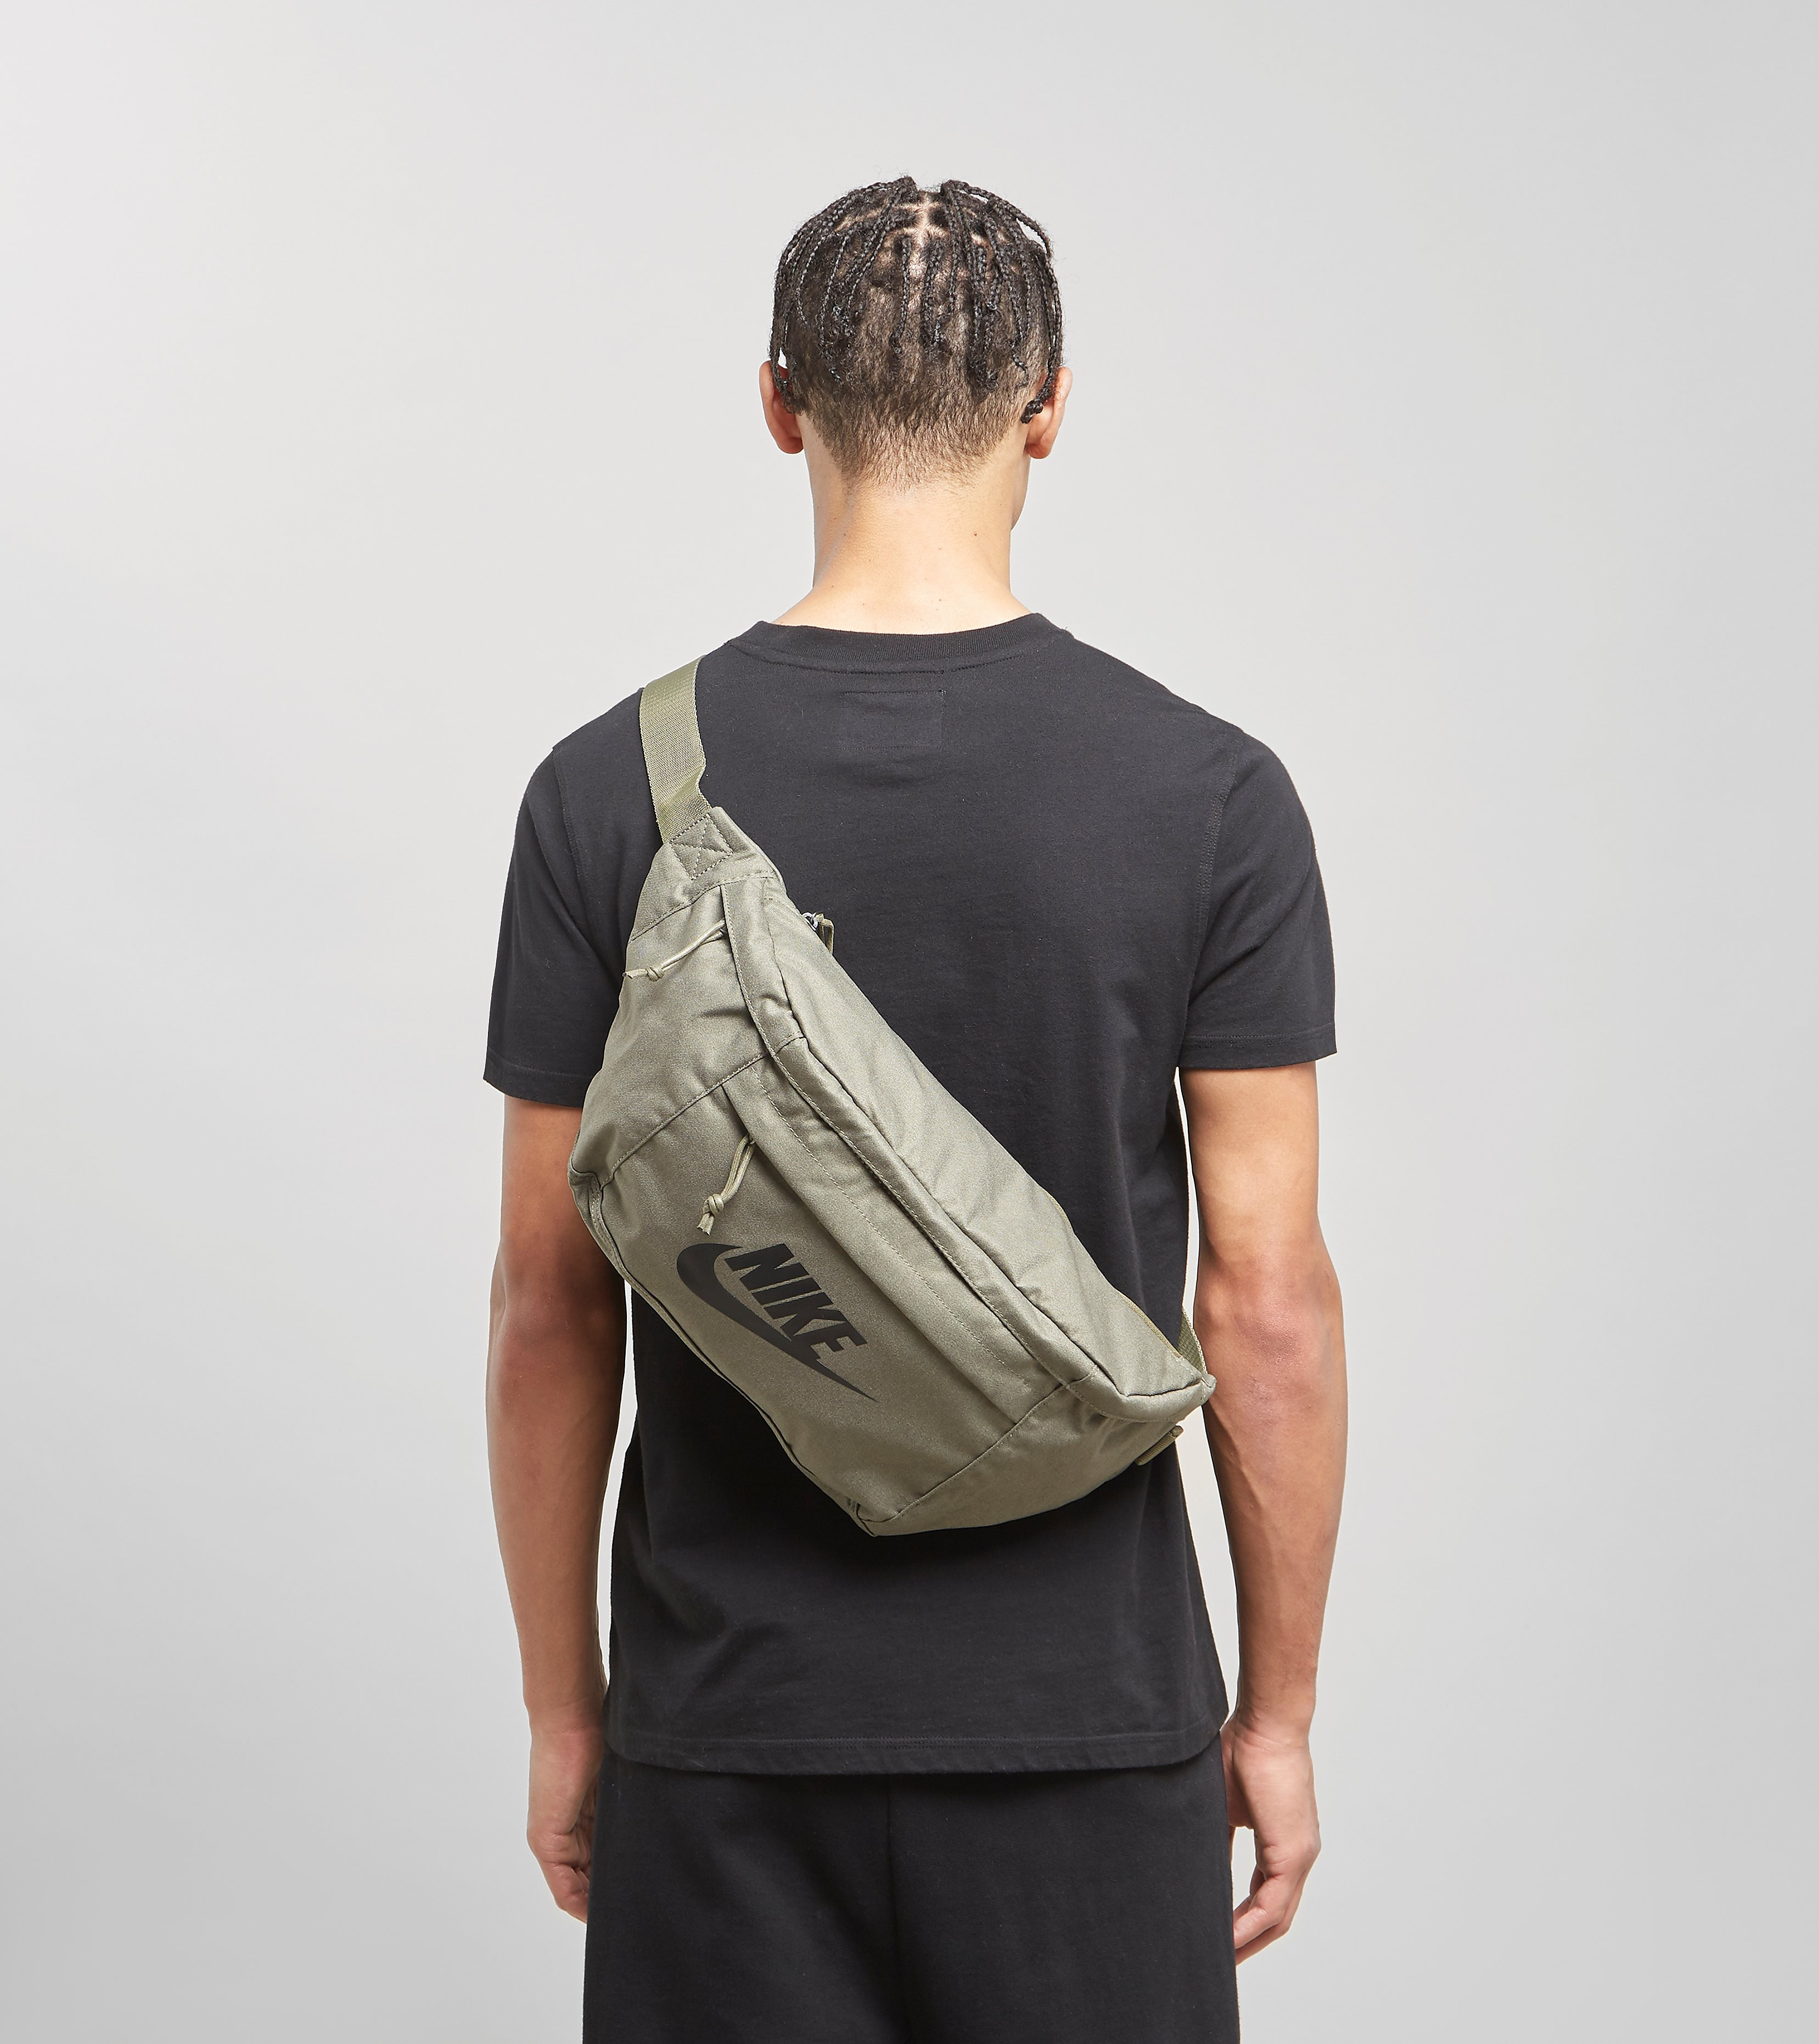 Nike Tech Waist Bag, Olive/Black